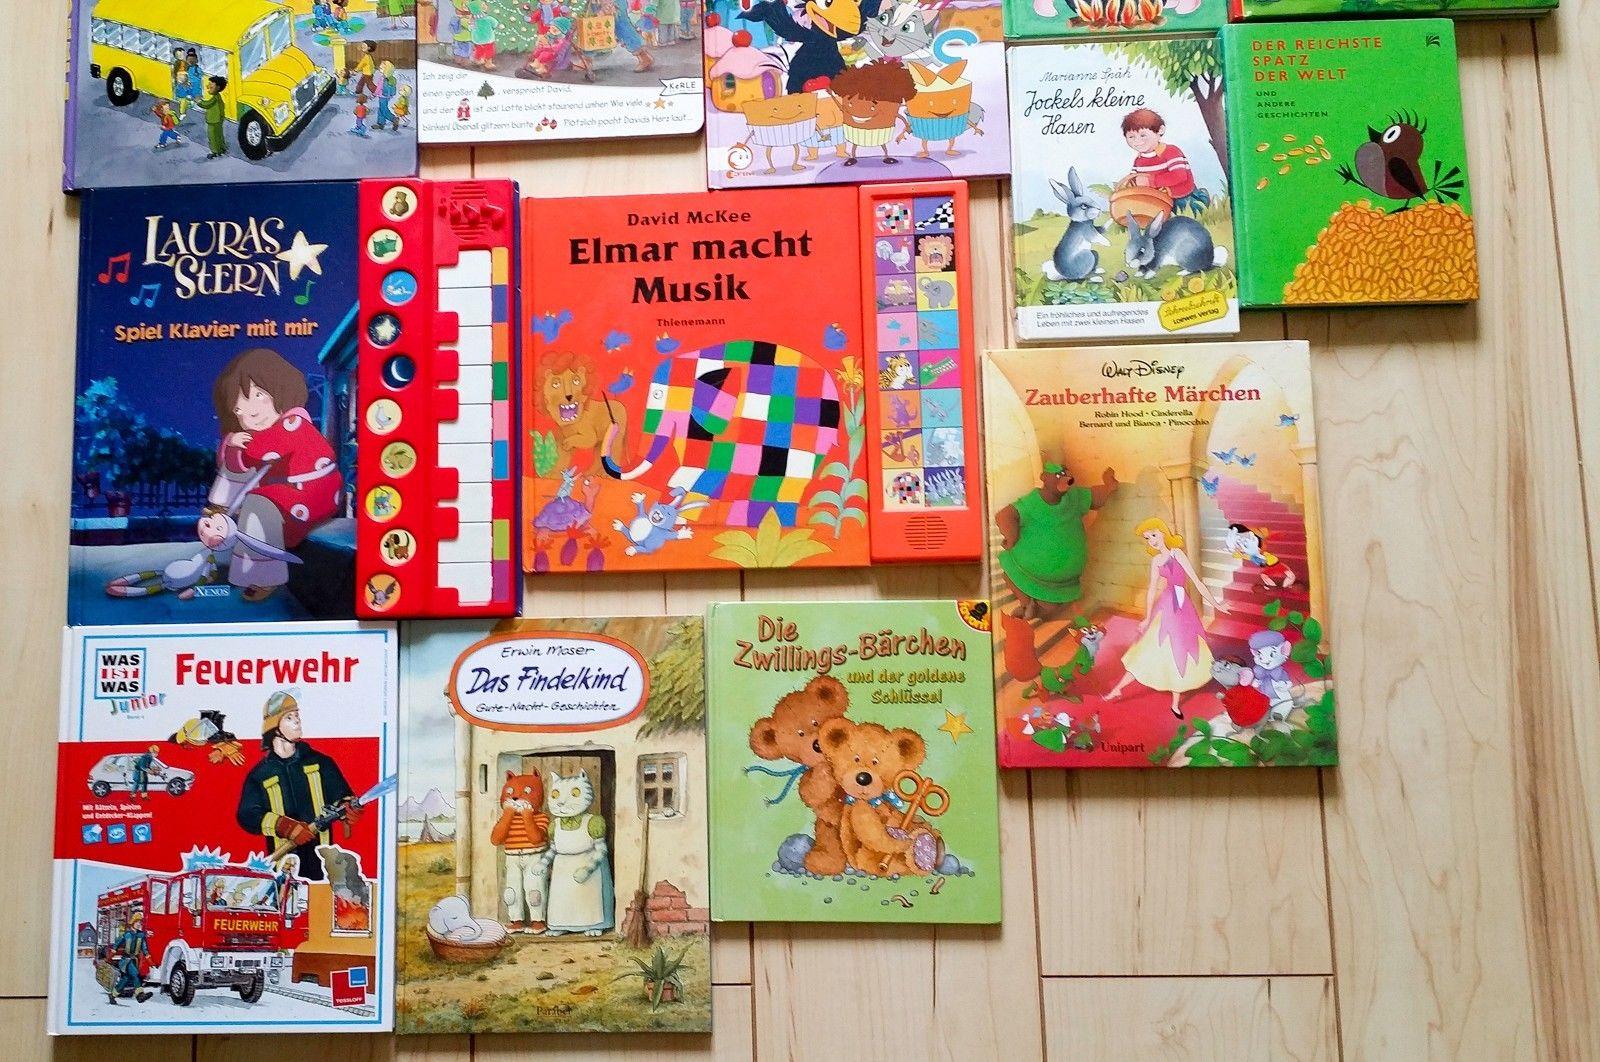 52 Kinderbücher XXL Paket - 2 bis 9 Jahre komplett